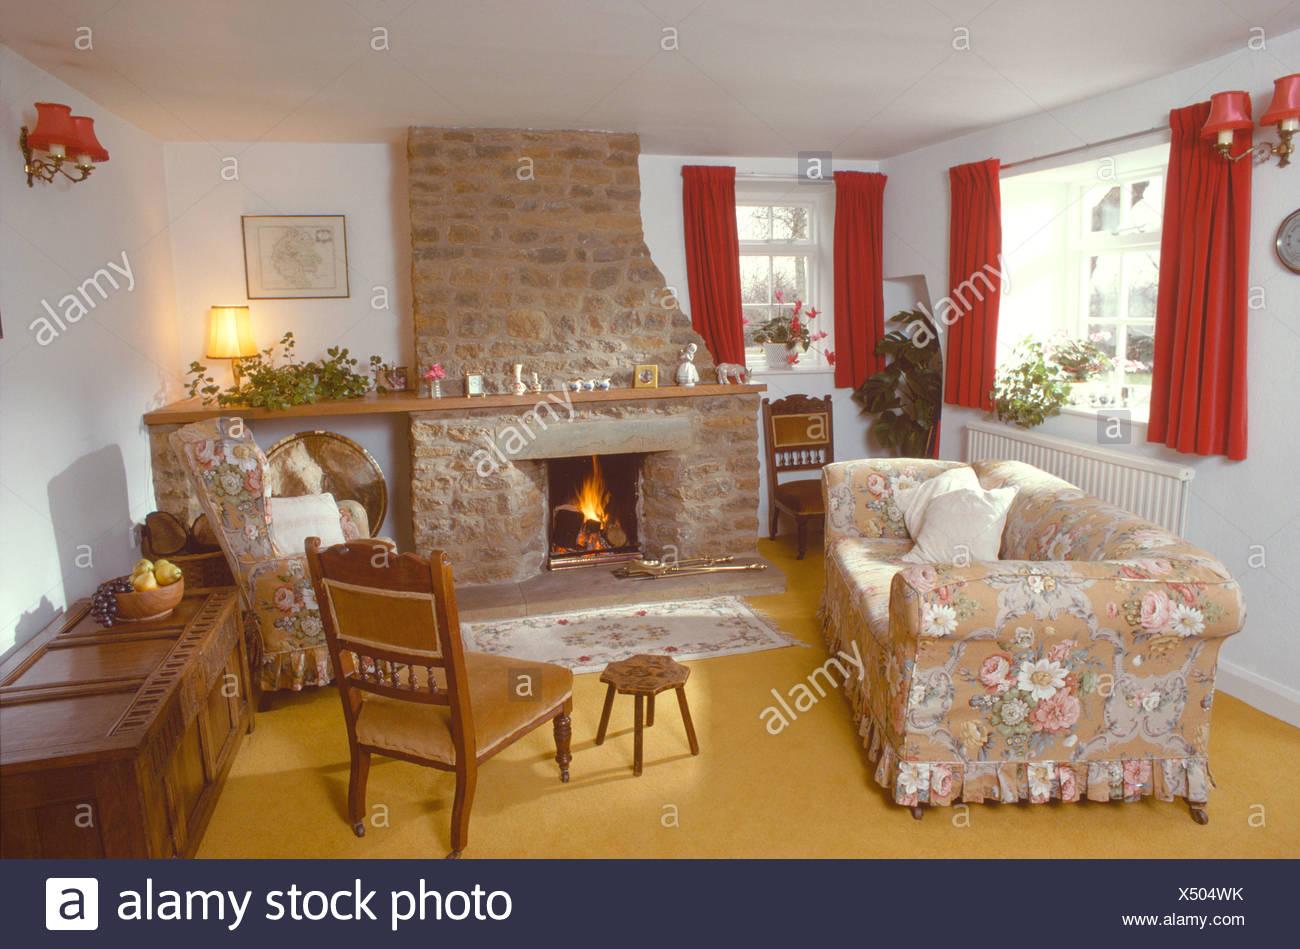 Floral Lose Abdeckung Auf Sofa Vor Dem Kamin Mit Dem Brennenden Feuer Der  Siebziger Jahre Ferienhaus Wohnzimmer Mit Gelben Teppich